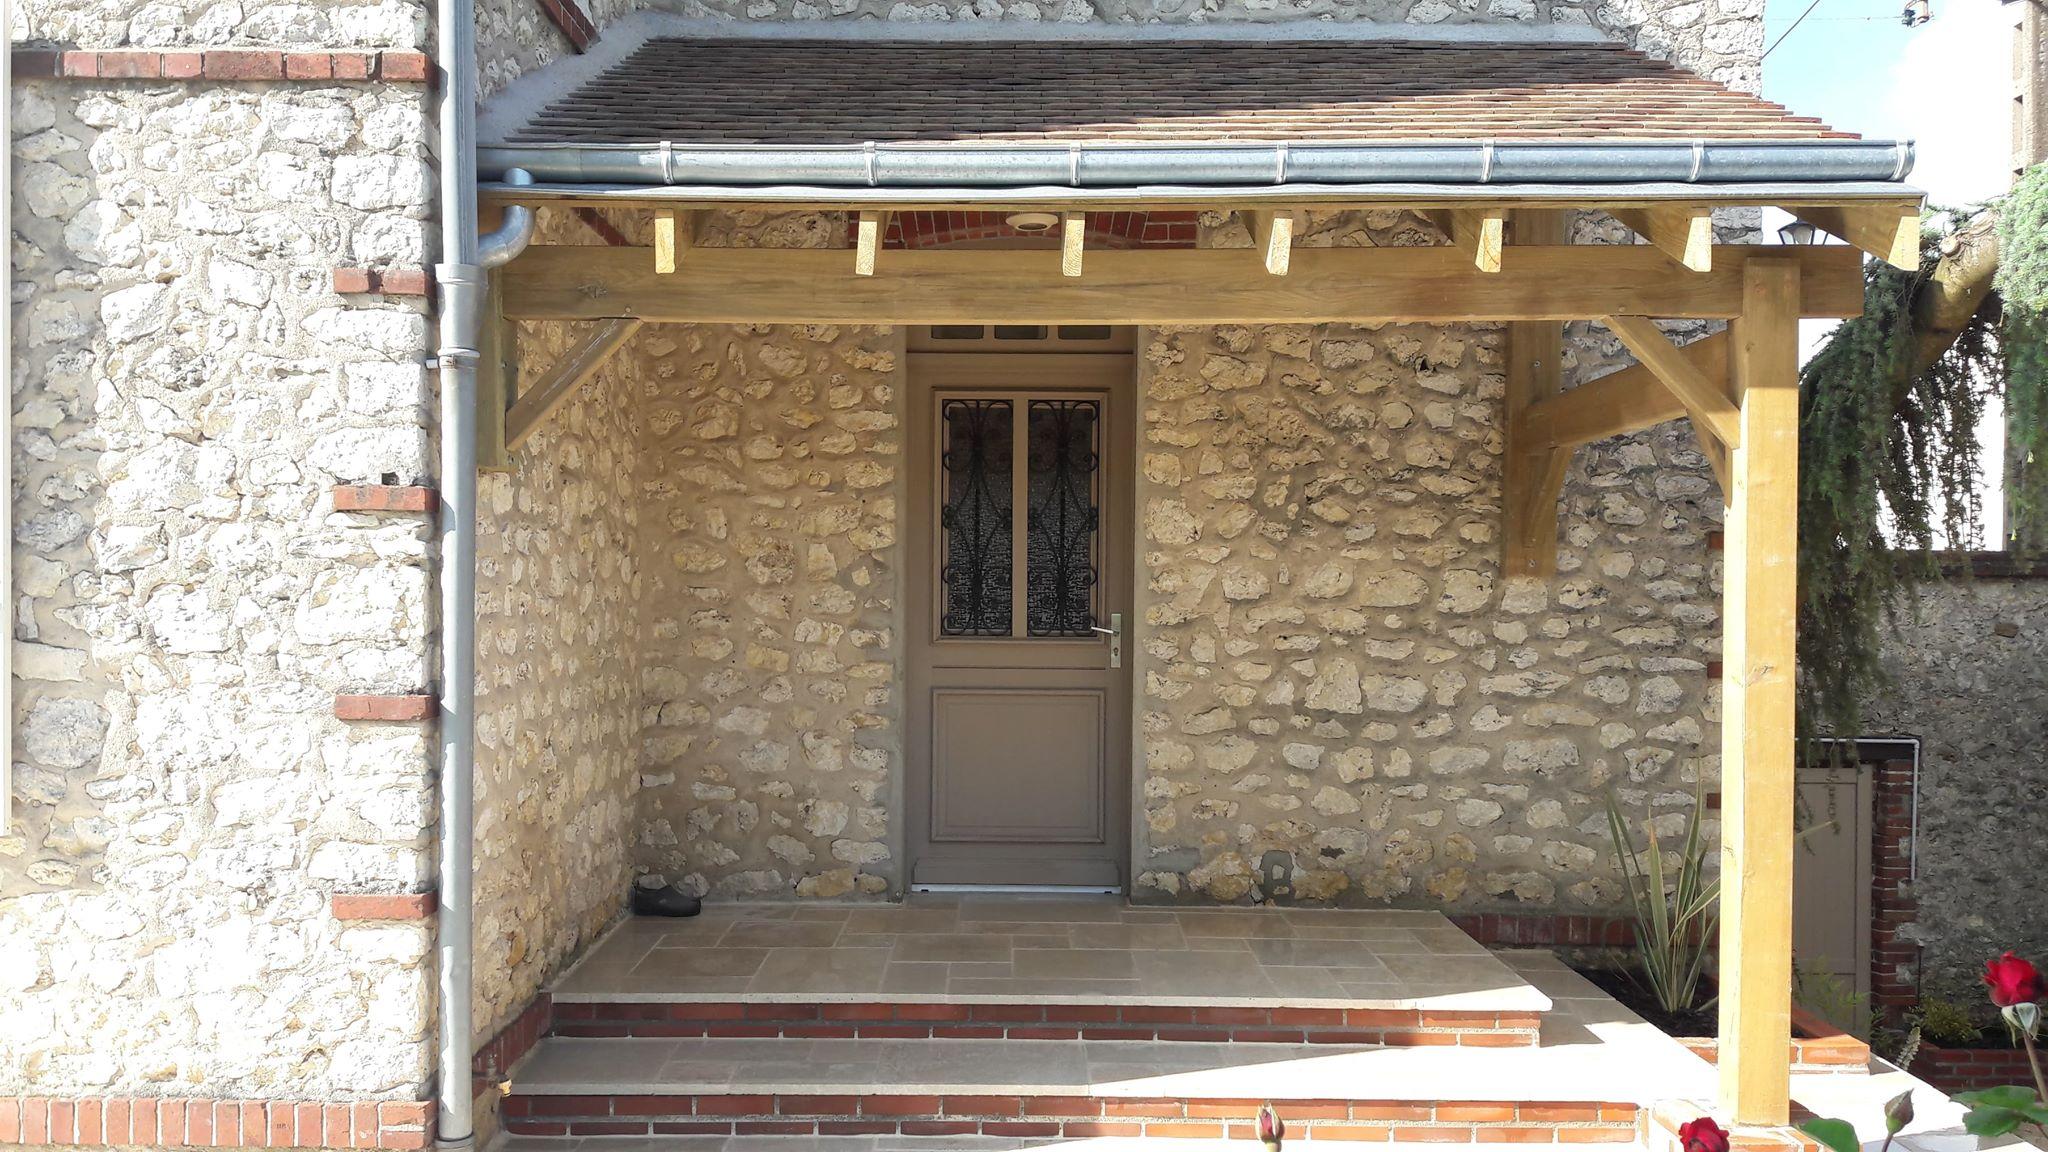 Perron devant une porte d'entrée et appenti bois - Travertin calcaire et briquettes rouges